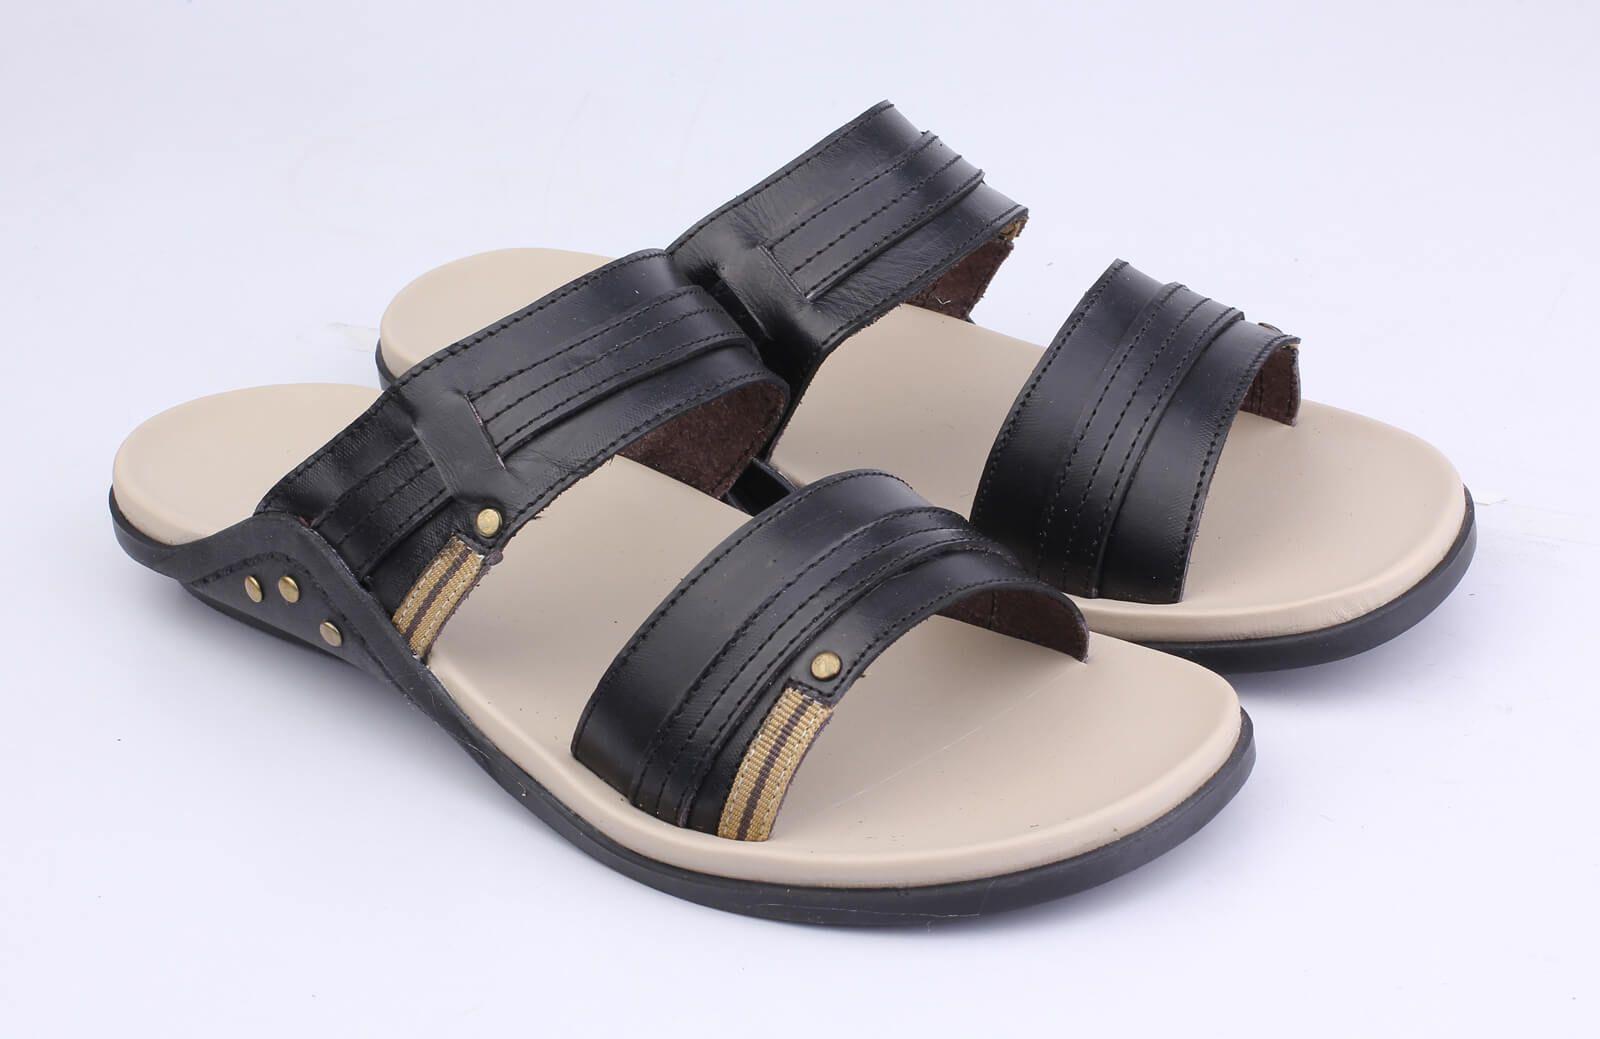 Sandal Casual Pria Kn 065 Kulit Hitam Di 2020 Kulit Hitam